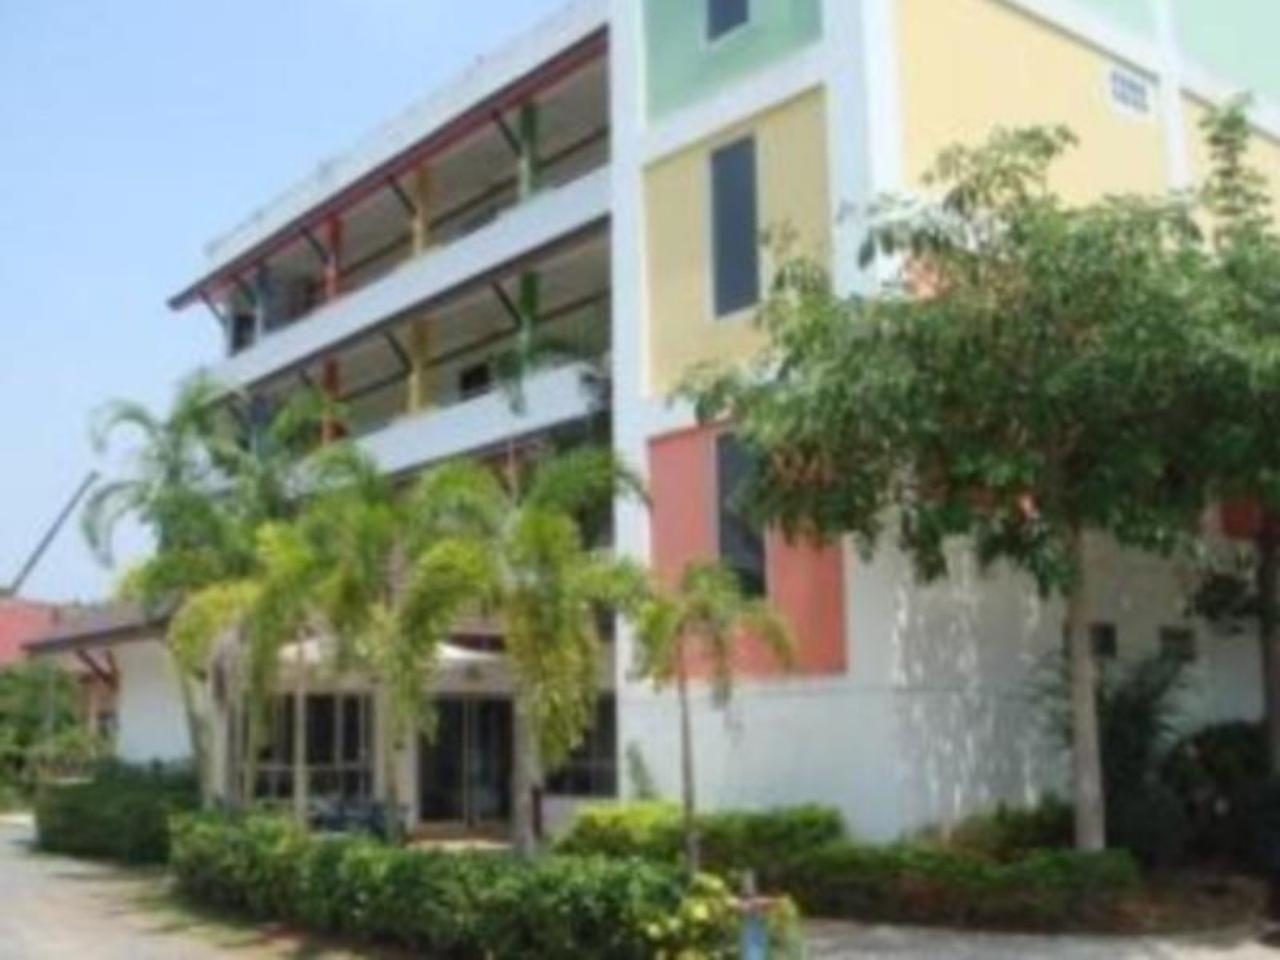 โรงแรม 22 ซีซั่น (22 Seasons Hotel)